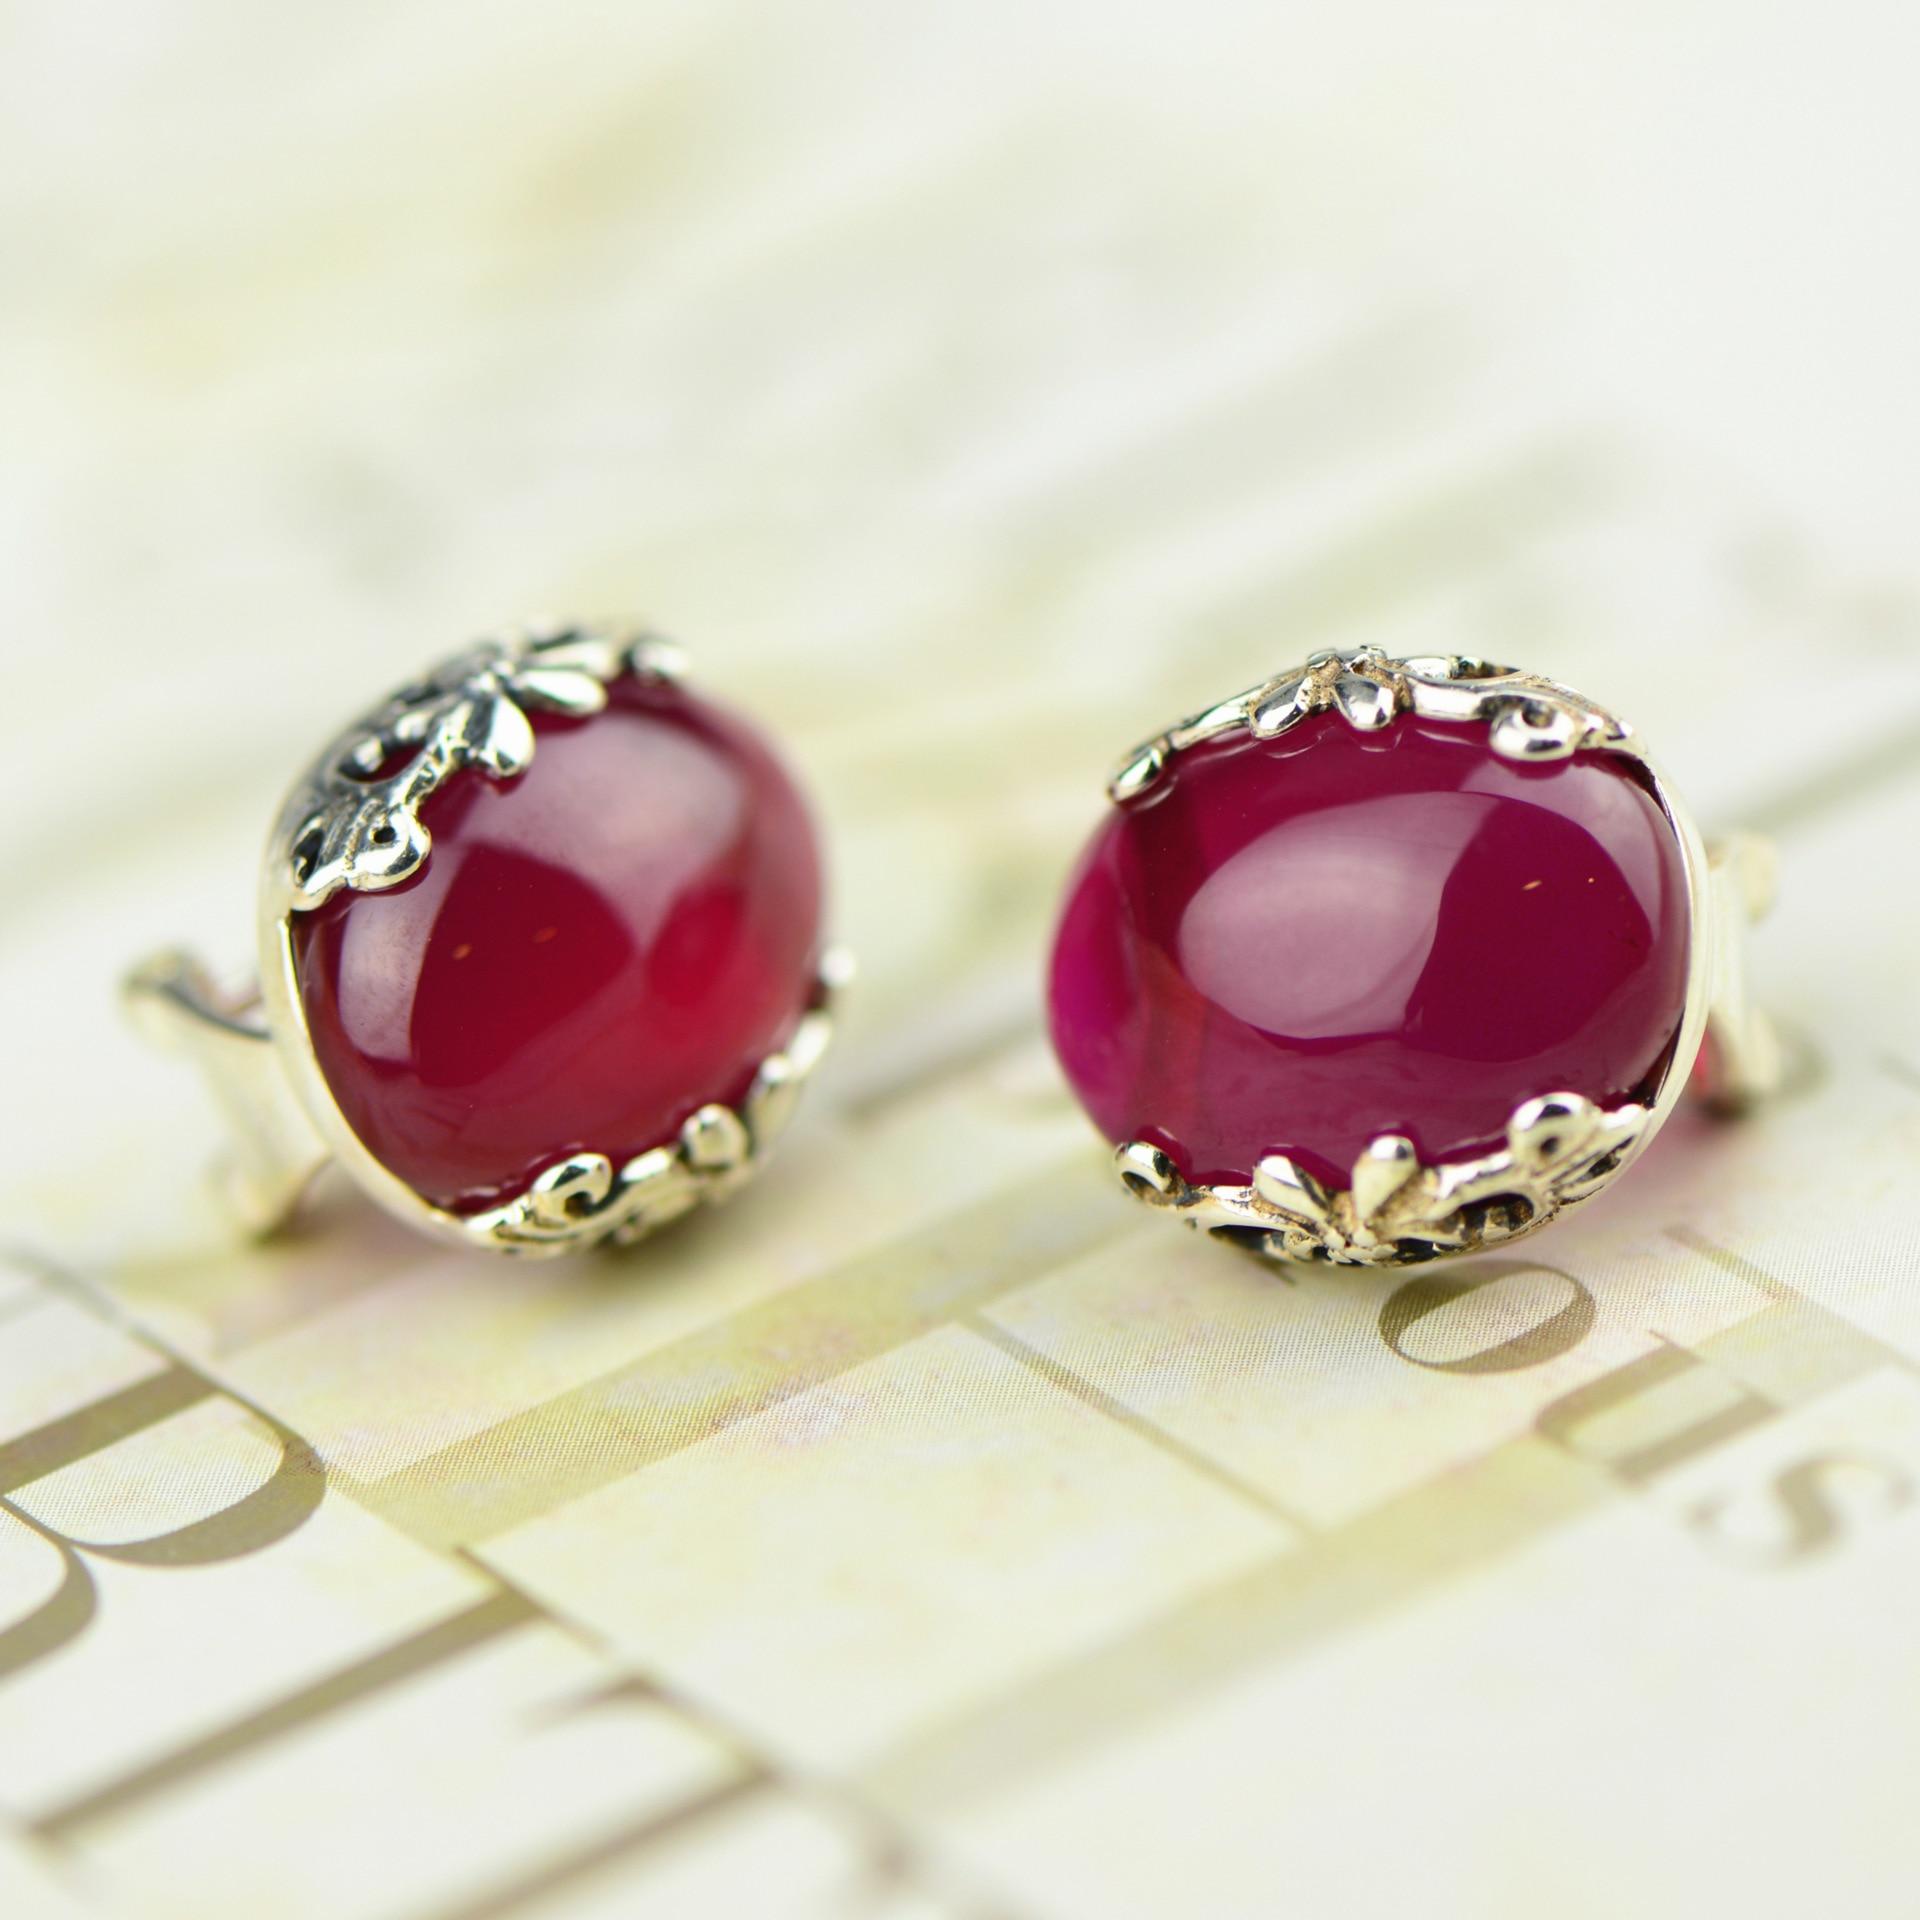 Thai argent bijoux en gros 925 exquis sculpté rouge cerclé oreille clip dame juste tirer pour le compte de lot mixte